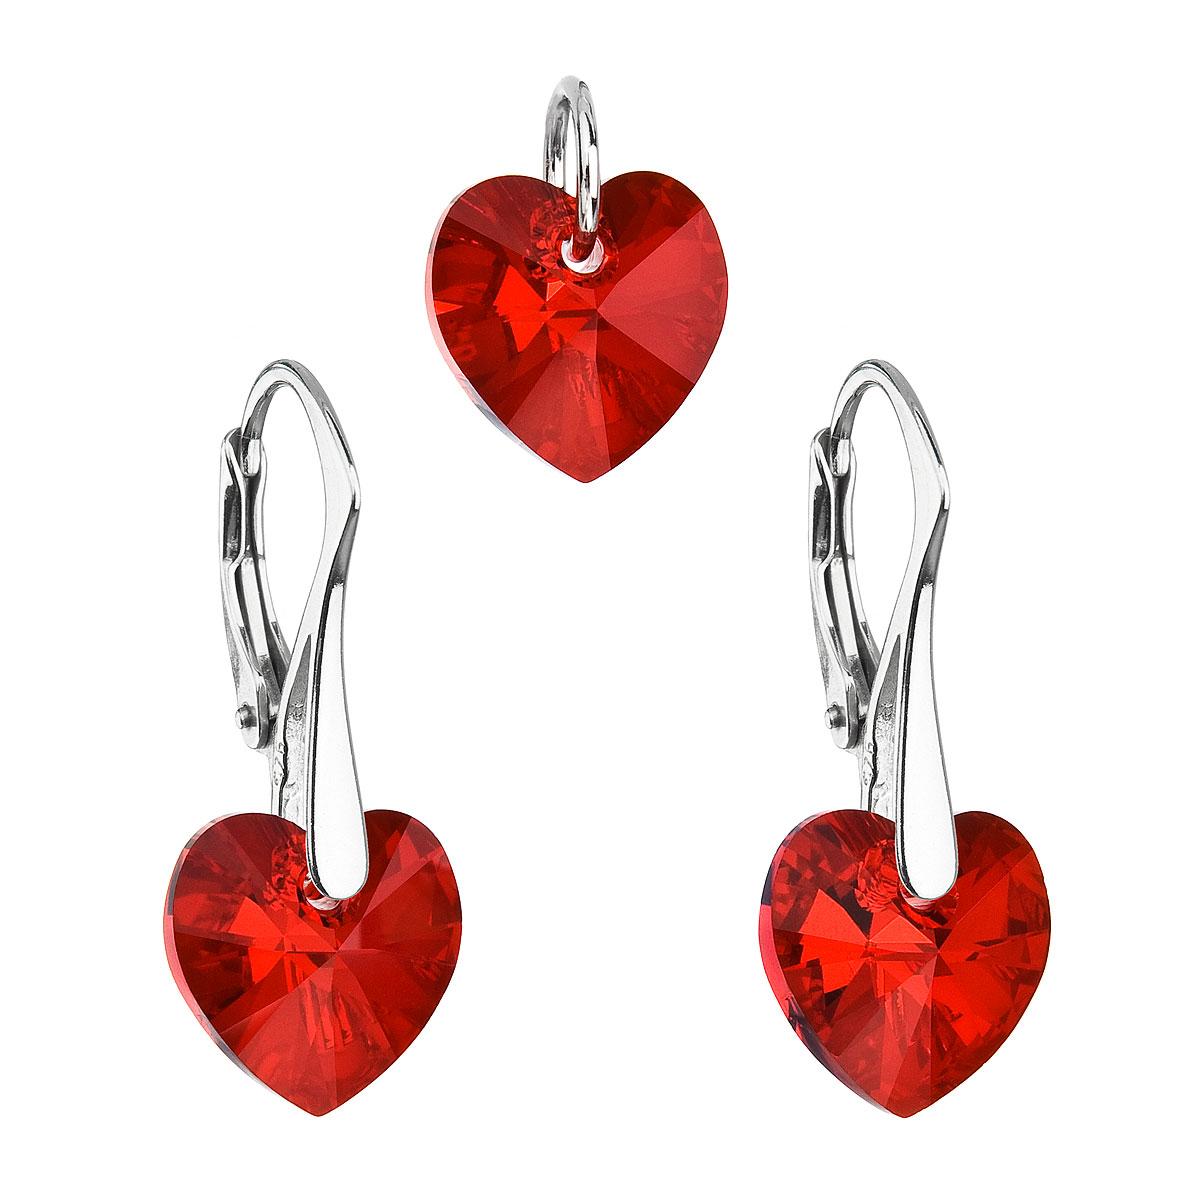 Evolution Group Sada šperků s krystaly Swarovski náušnice a přívěsek červená srdce 39003.4